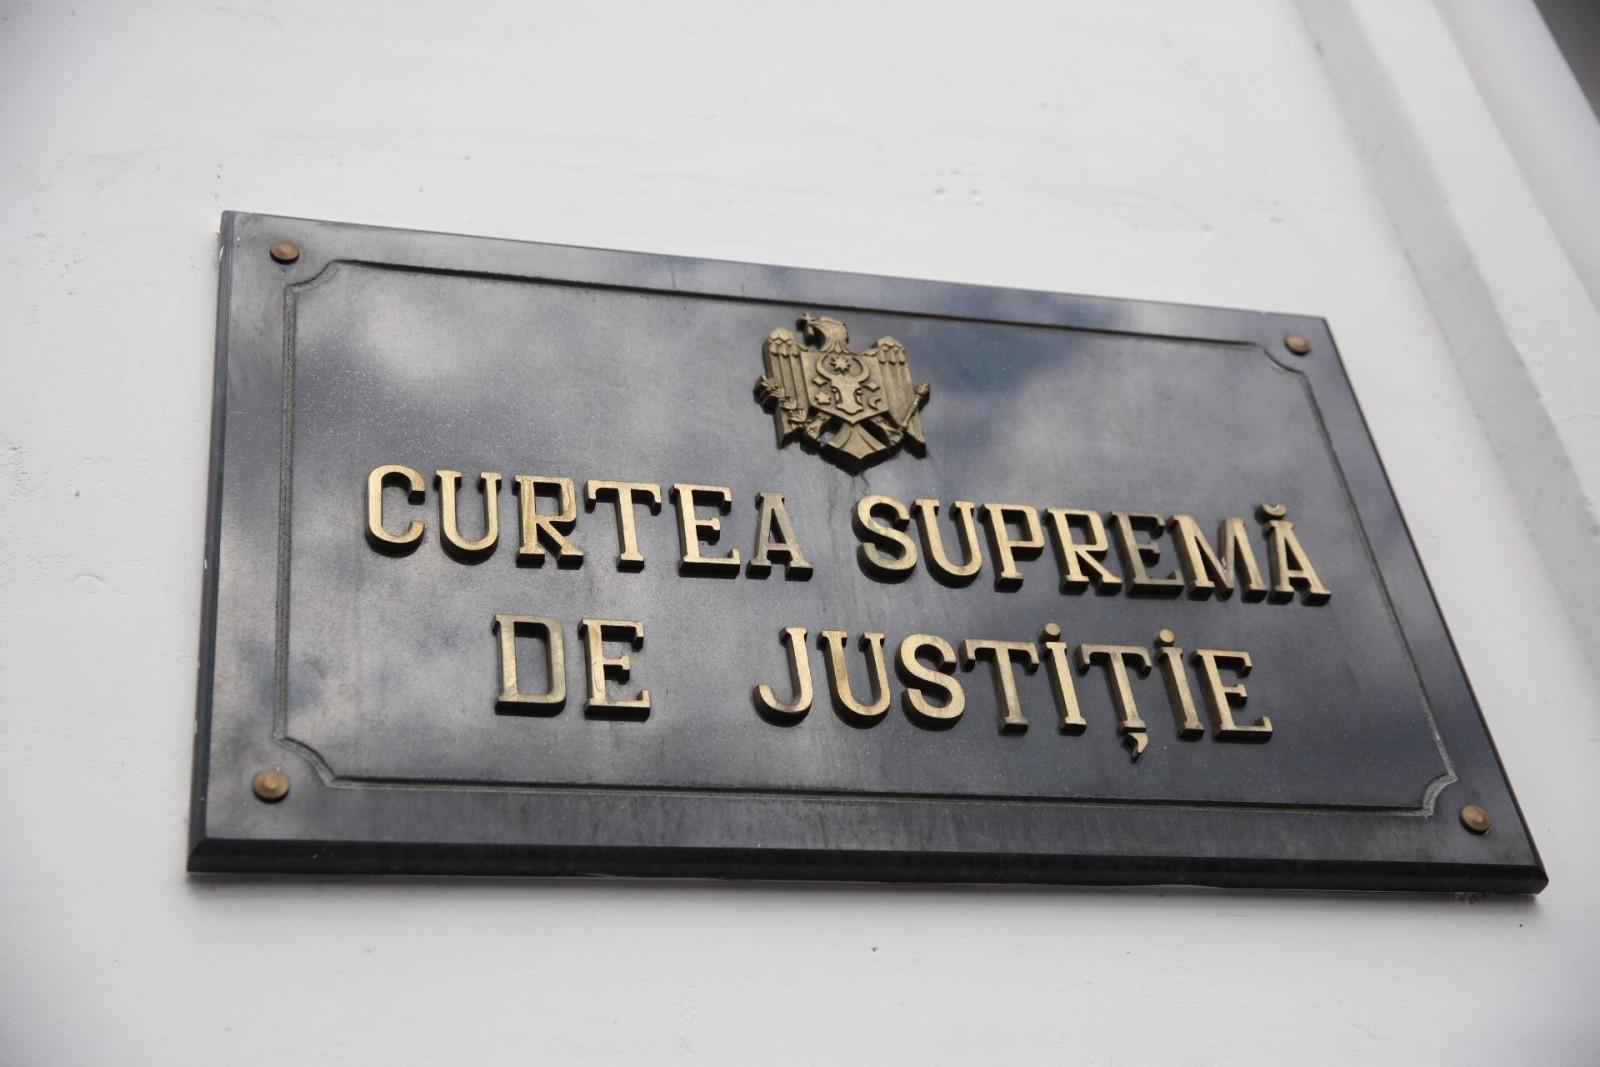 Președintele Judecătoriei Orhei a primit undă verde pentru promovare la Curtea Supremă de Justiție